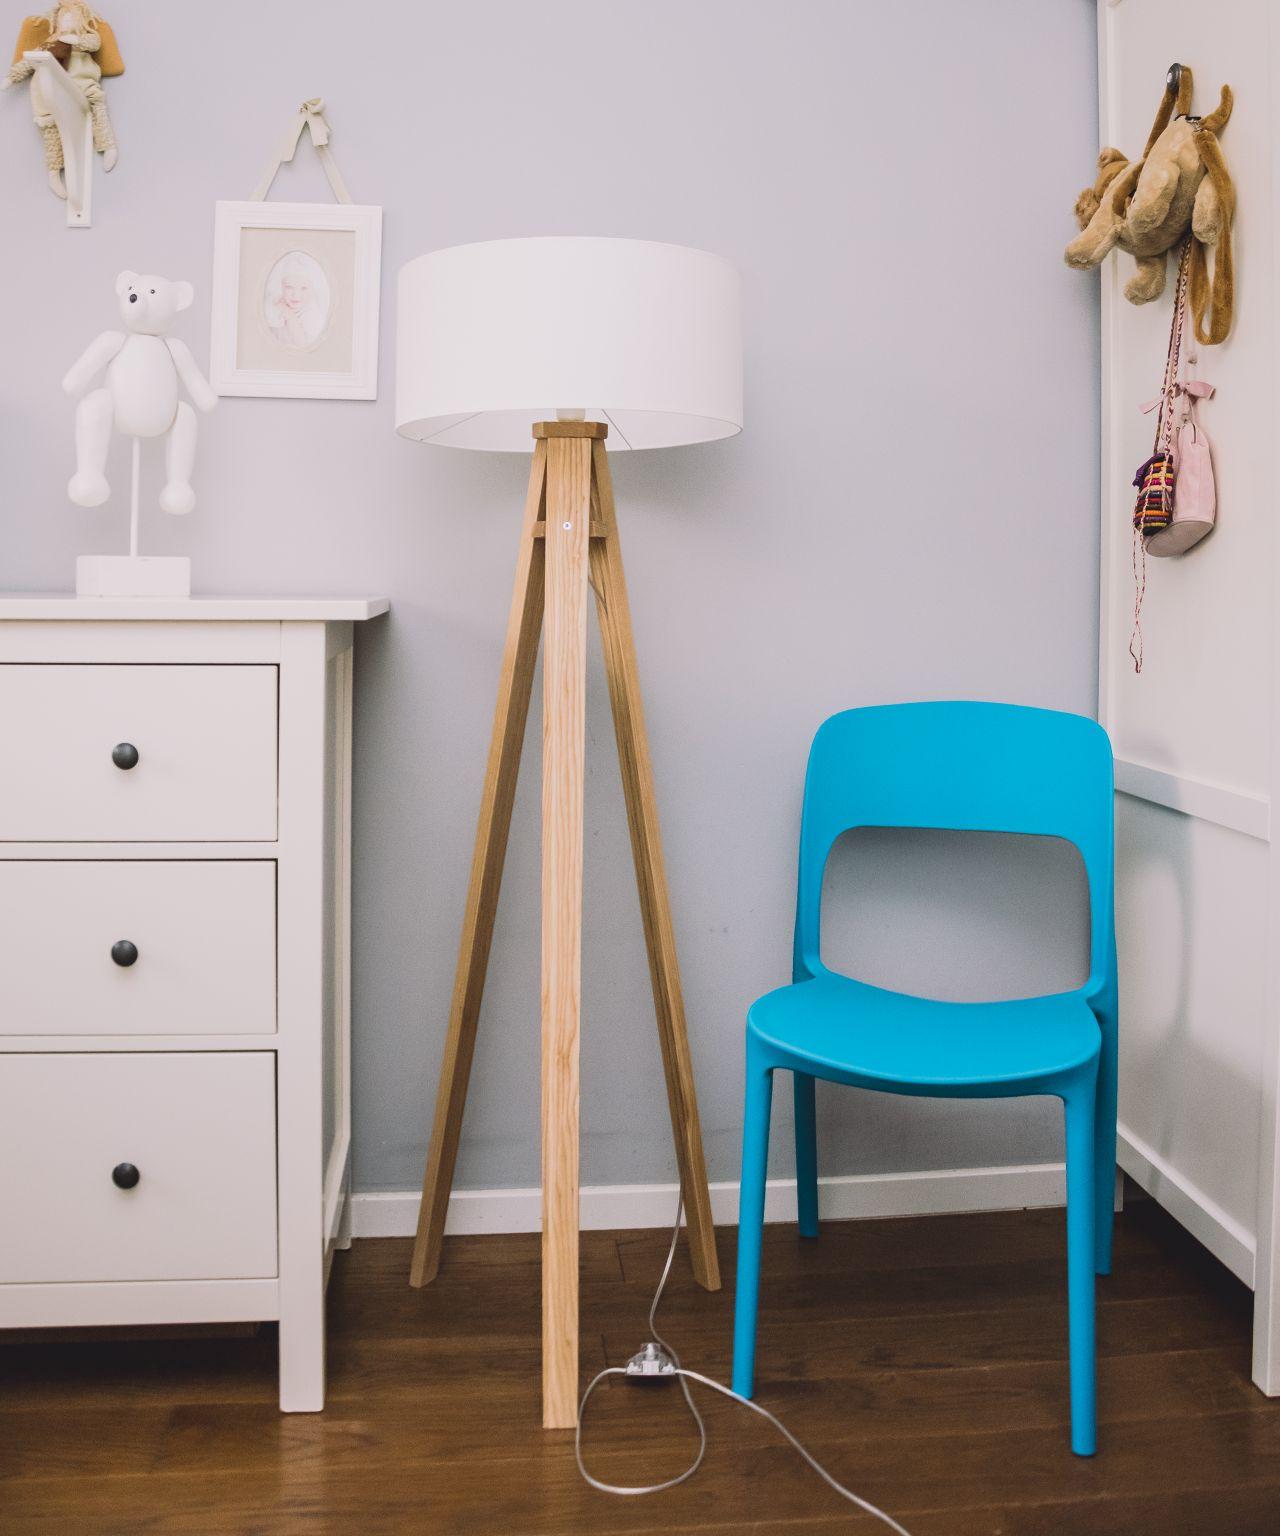 Aranżacja Sypialni - komoda lampa podłogowa krzesło sztaplowane